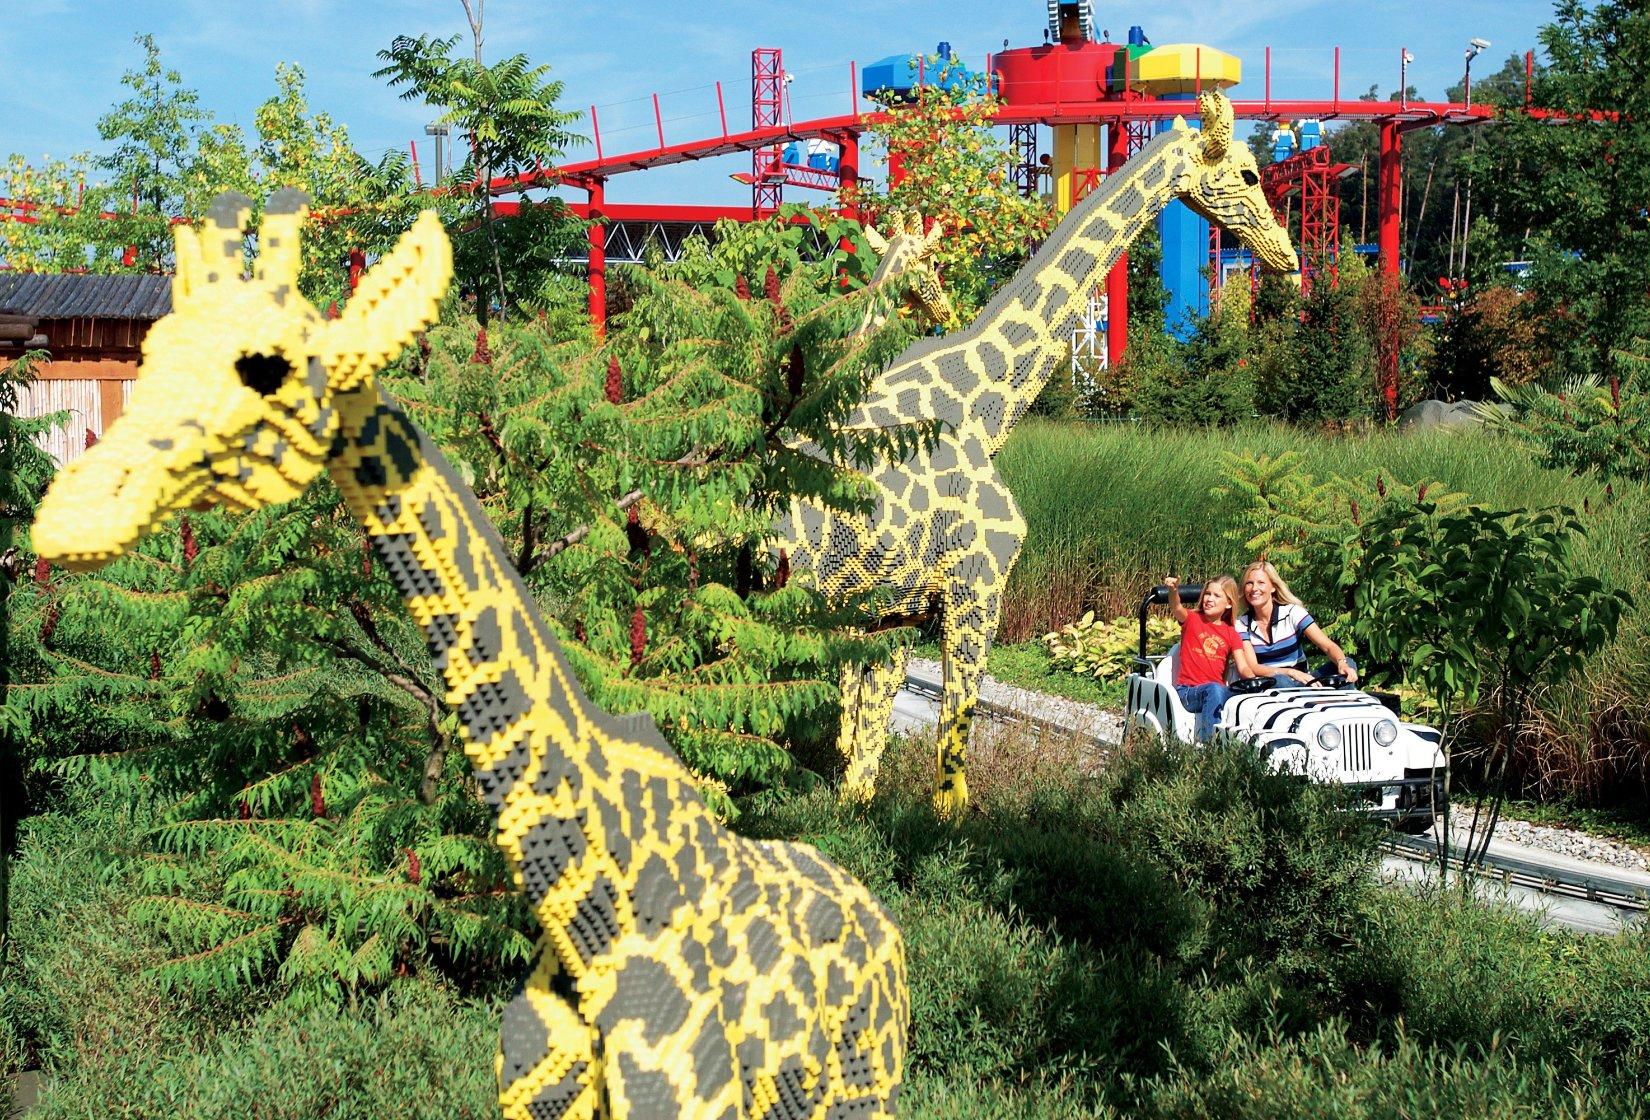 Safari Tour in Land der Abenteuer in Legoland Deutschland